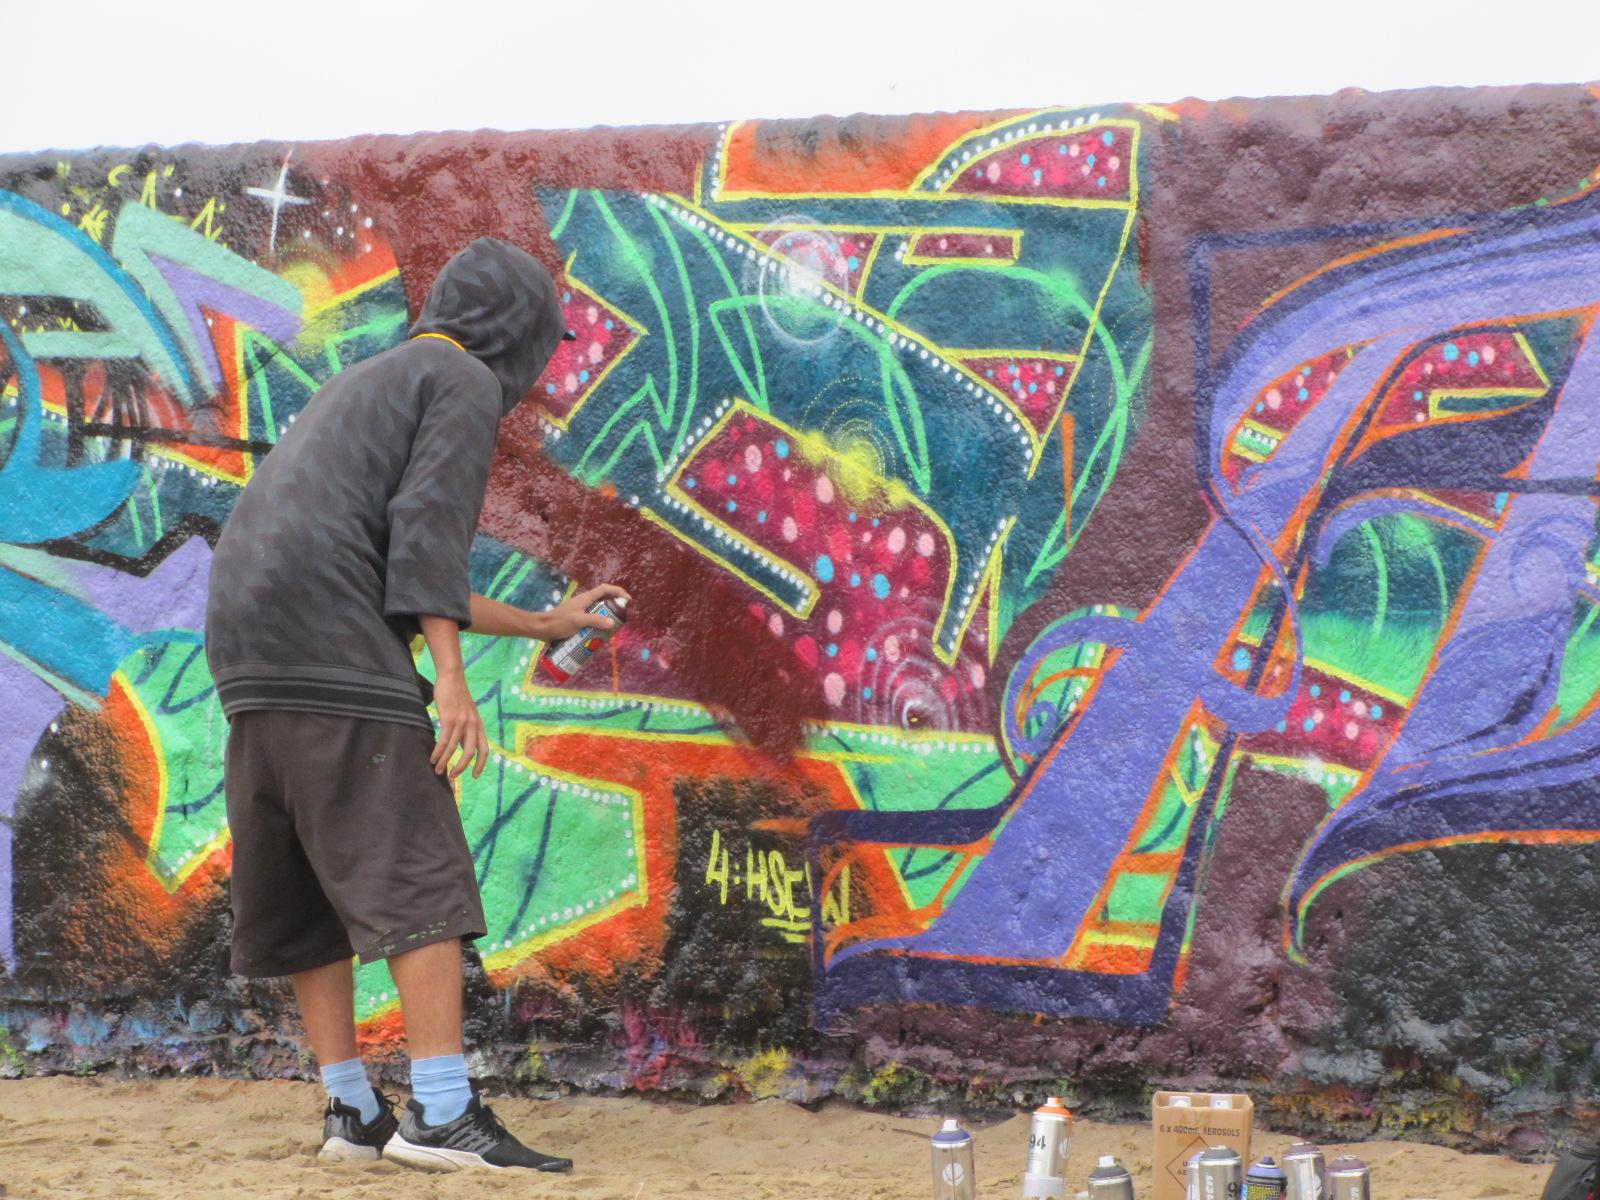 Mur des taggeurs de Venice Beach